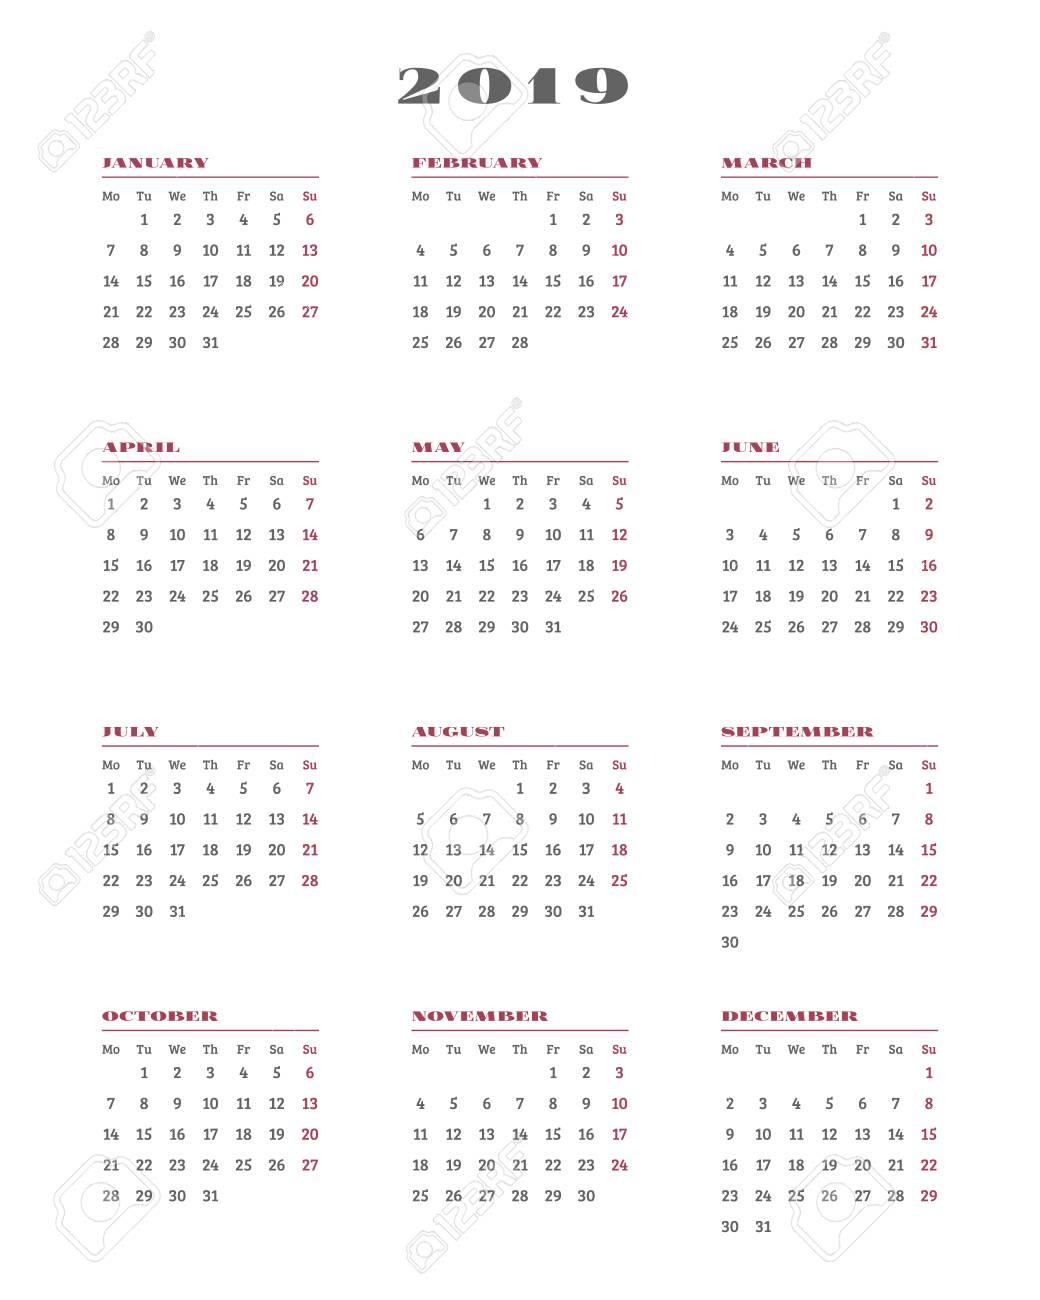 Calendario Settimane Anno 2019.Calendario Per Il 2019 Anno La Settimana Inizia Lunedi Illustrazione Vettoriale